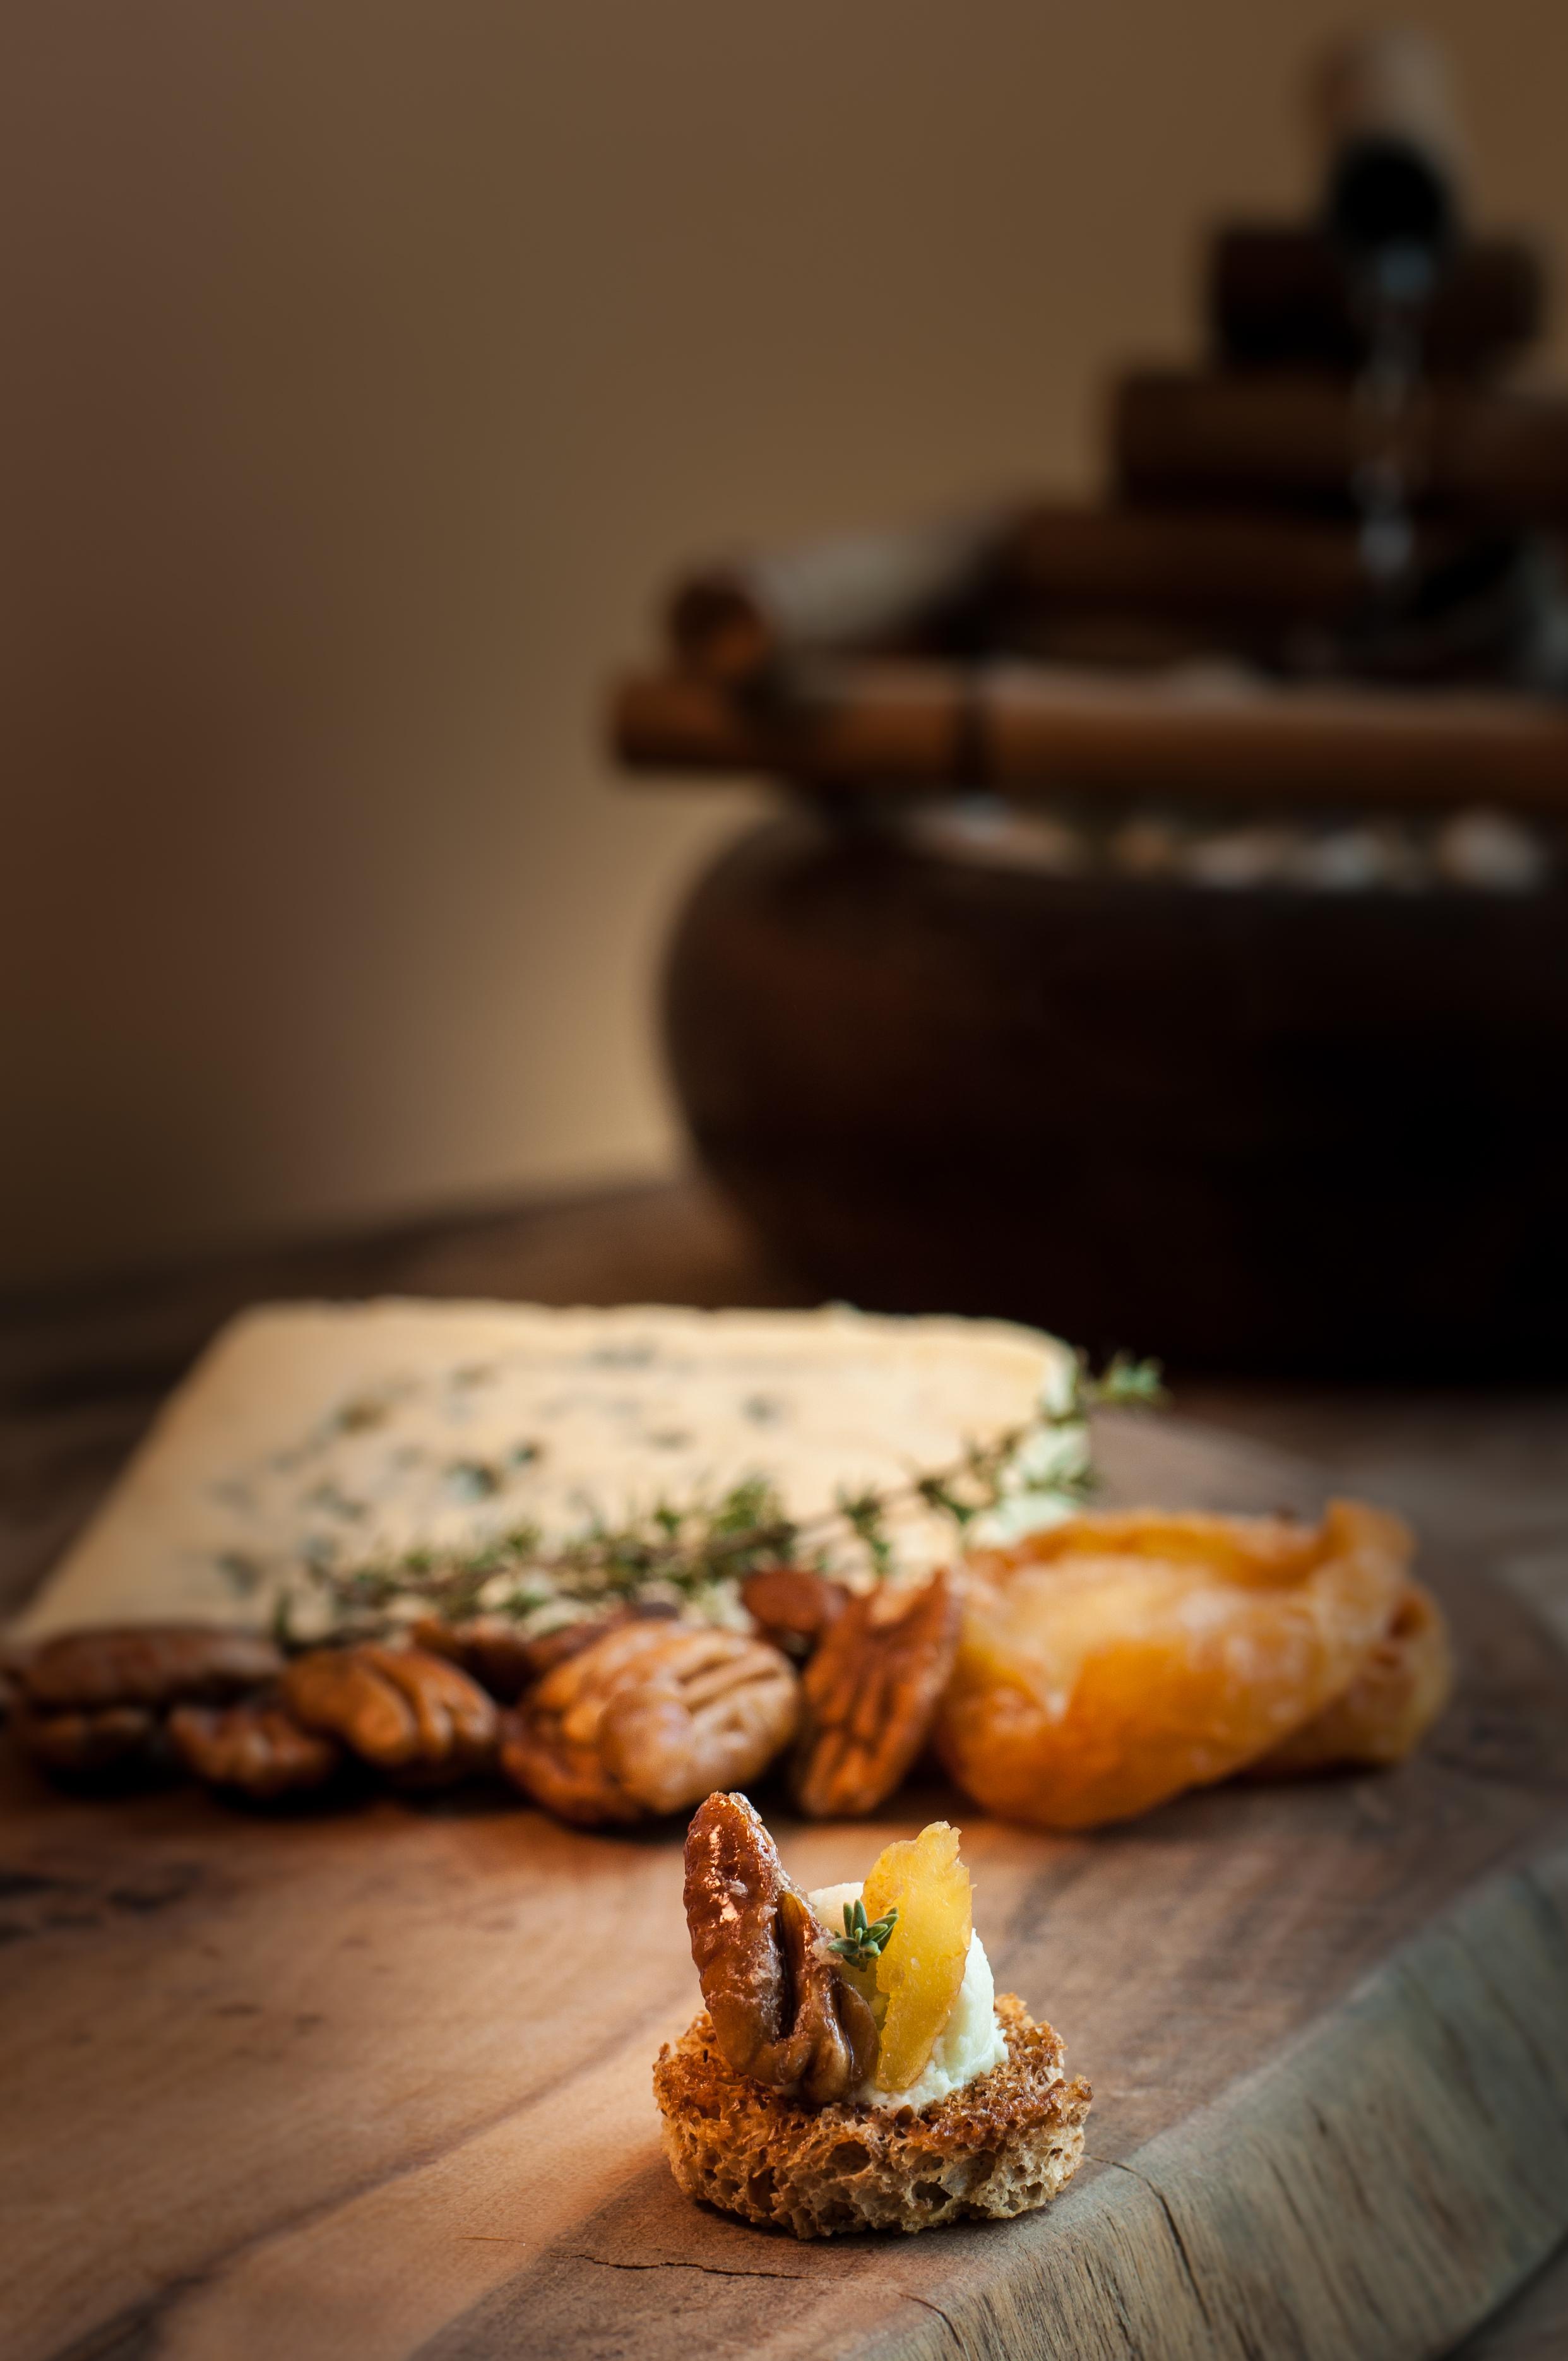 Canapé de gorgonzola, pêras e nozes